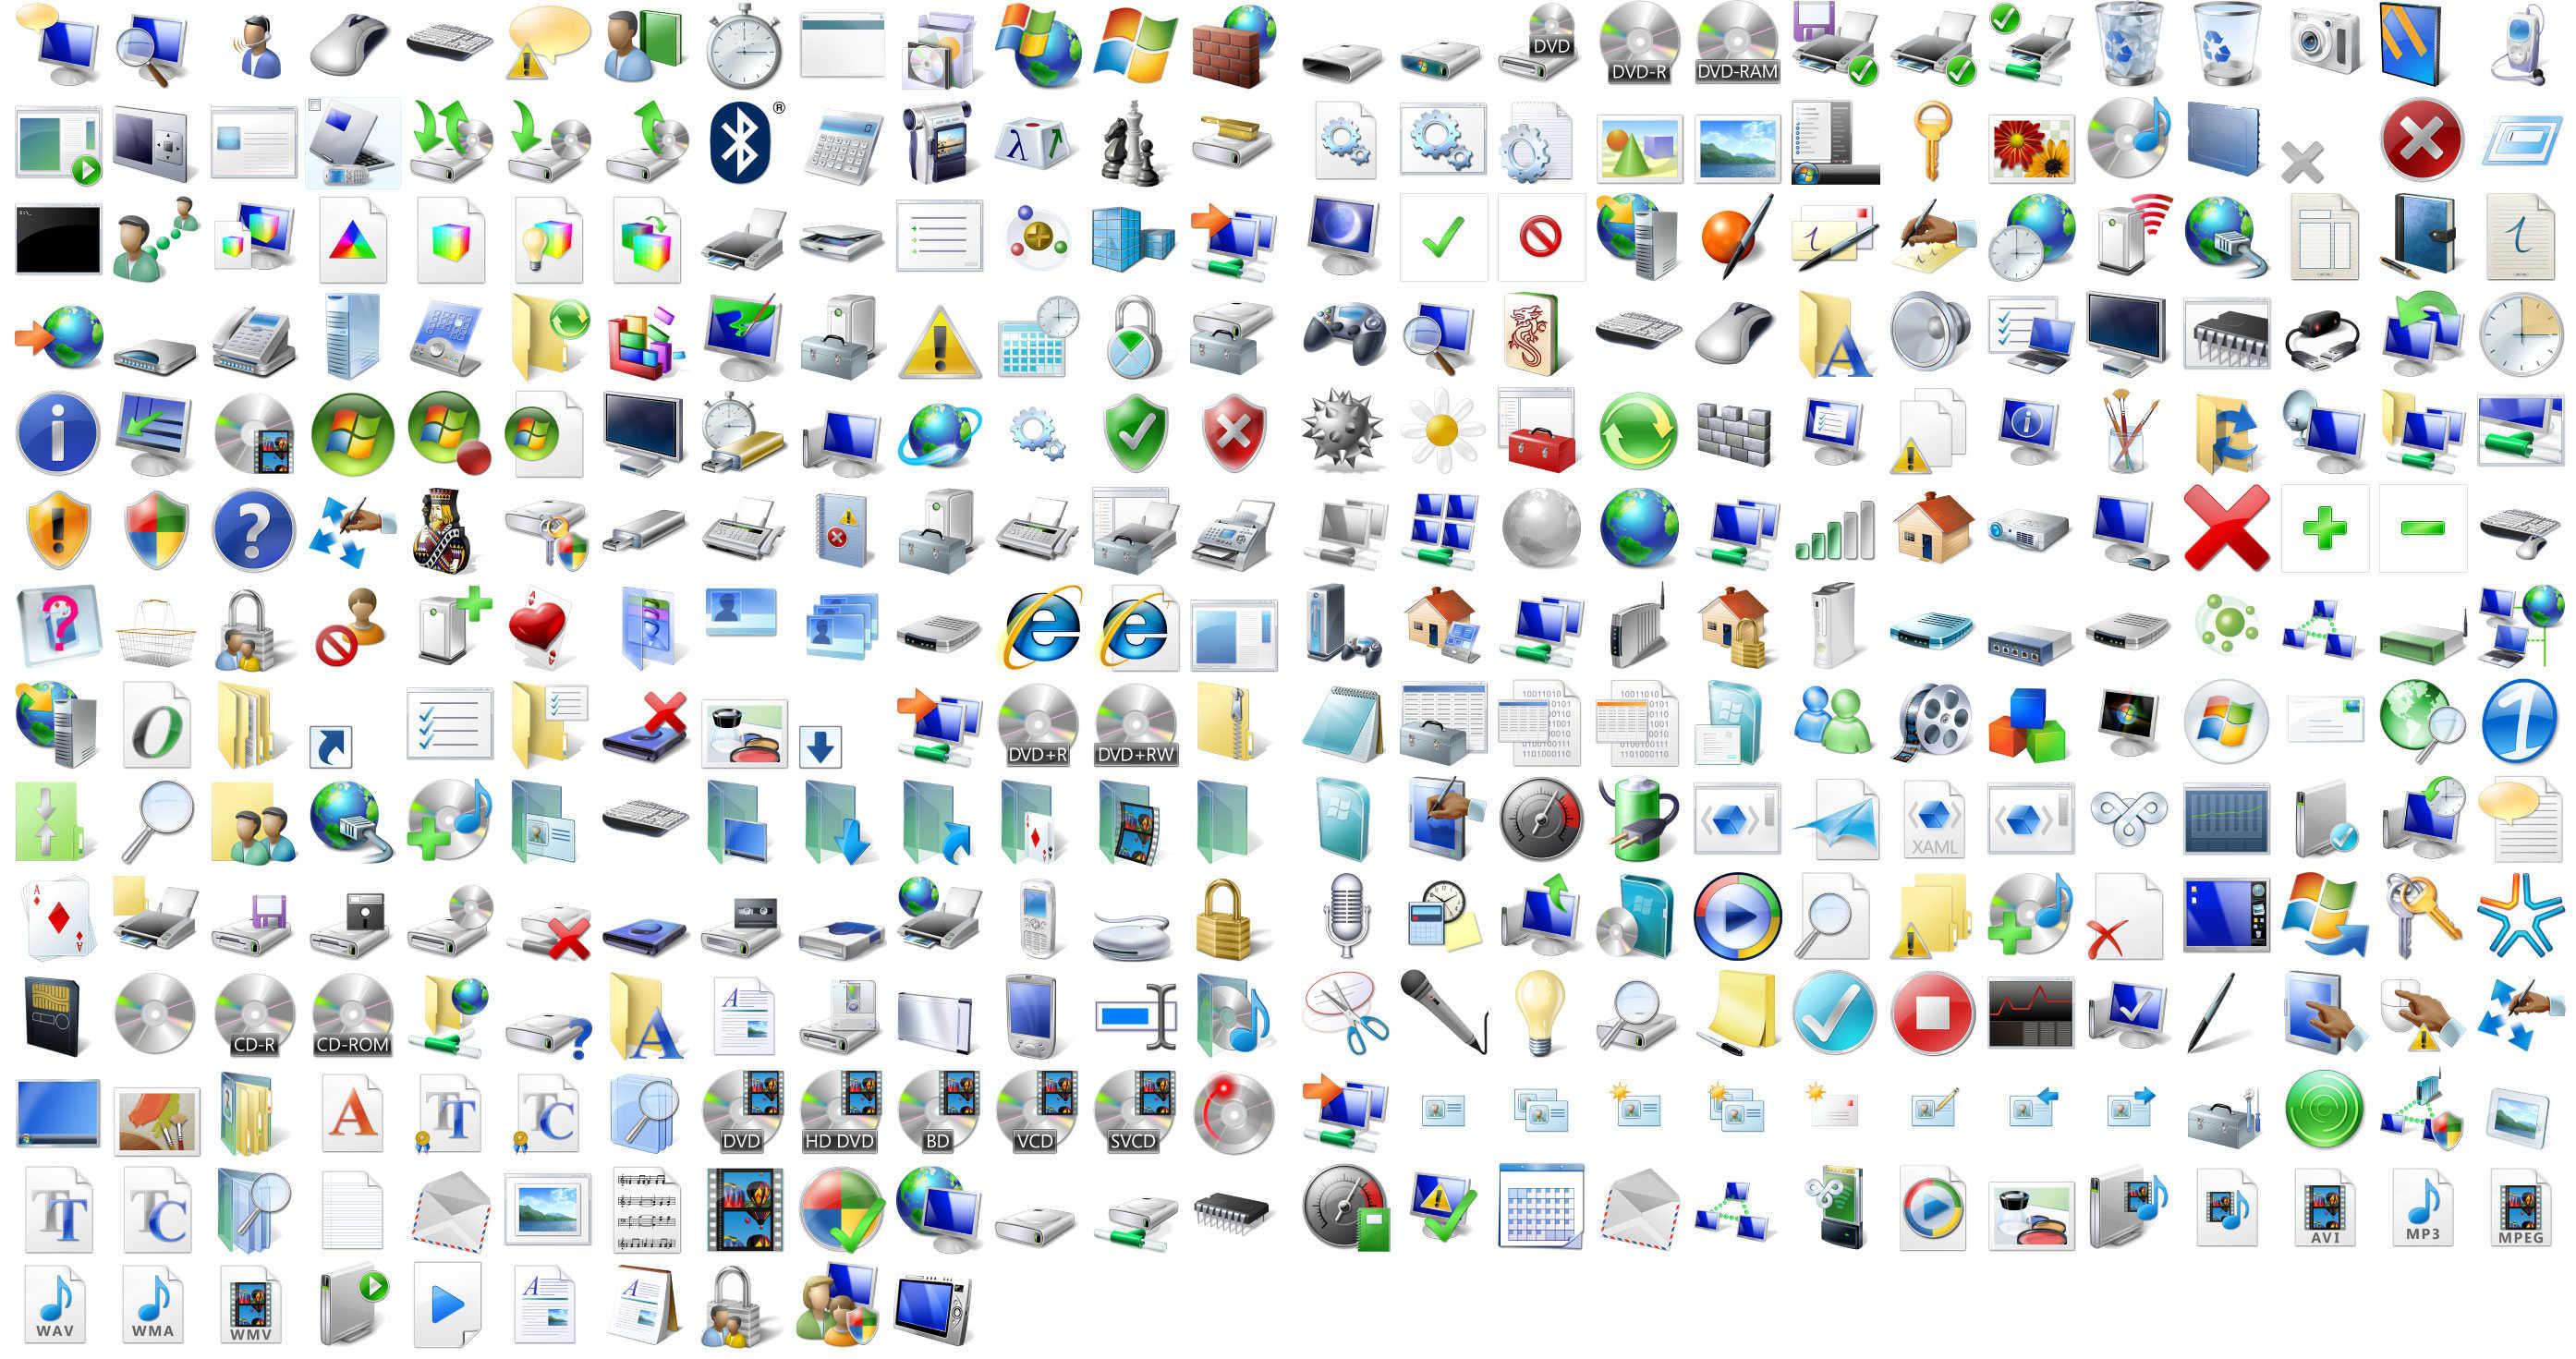 Windows Vista Icons by matthewsp on DeviantArt